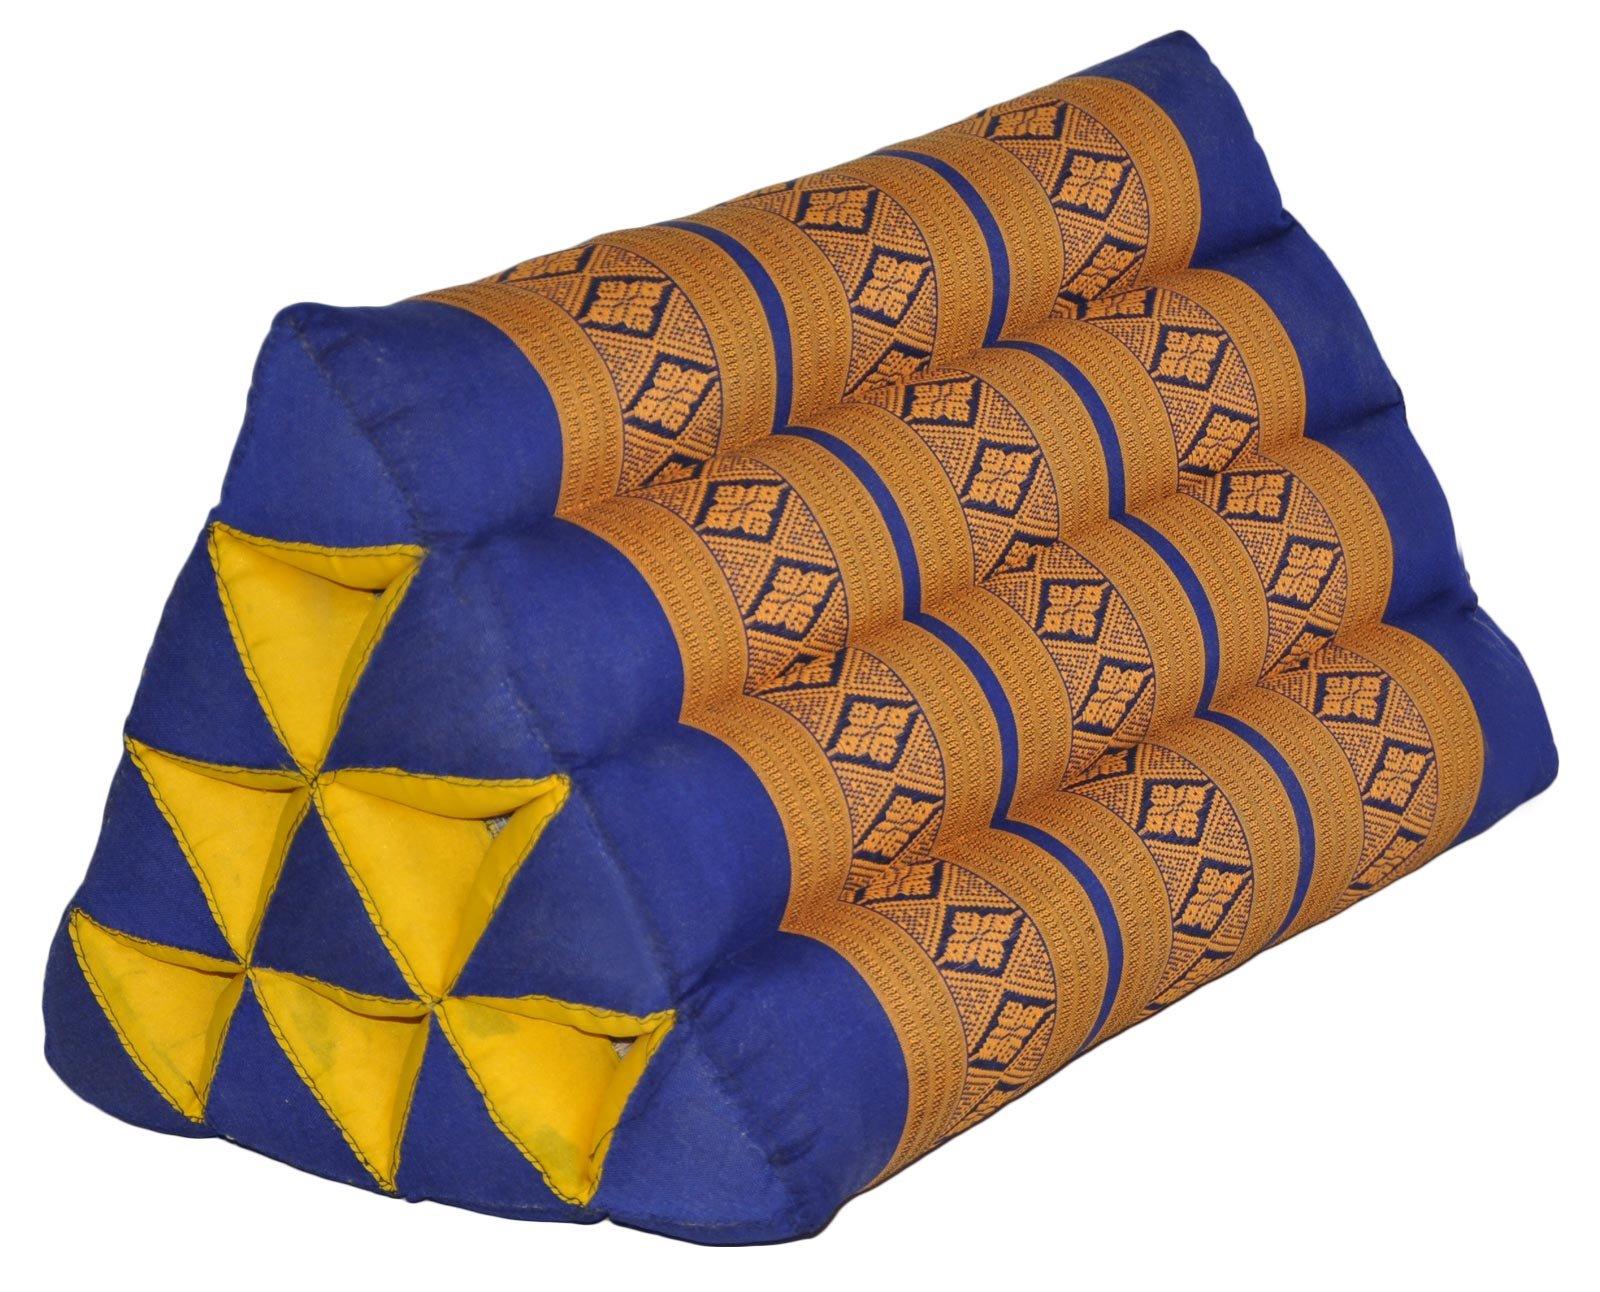 Thai triangular cushion, blue/yellow, relaxation, beach, kapok, made in Thailand. (82100)